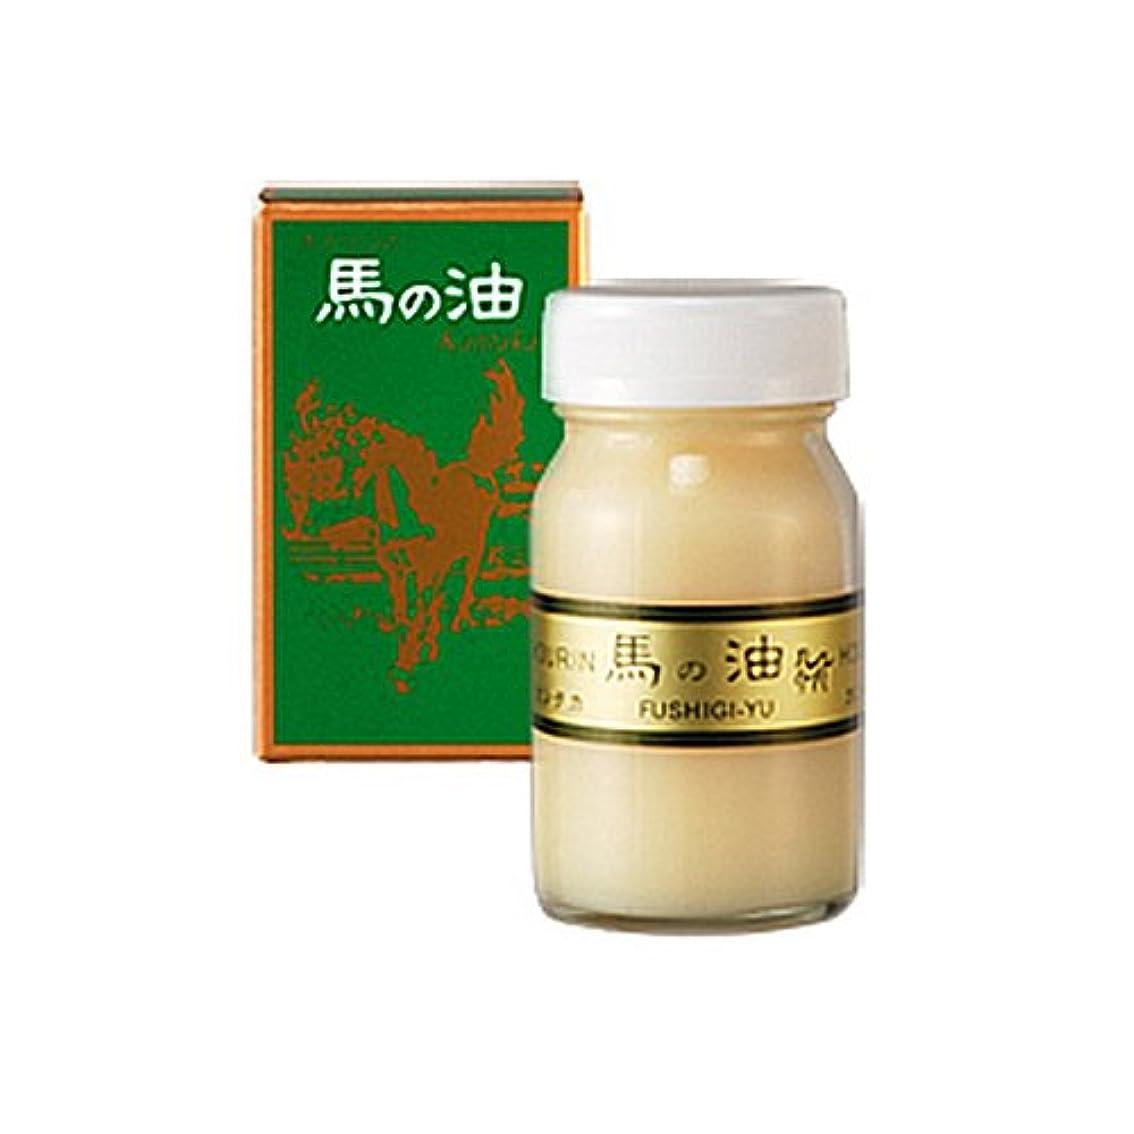 同志花記念品ホウリン 馬の油 カンタカ 65ml ×6セット